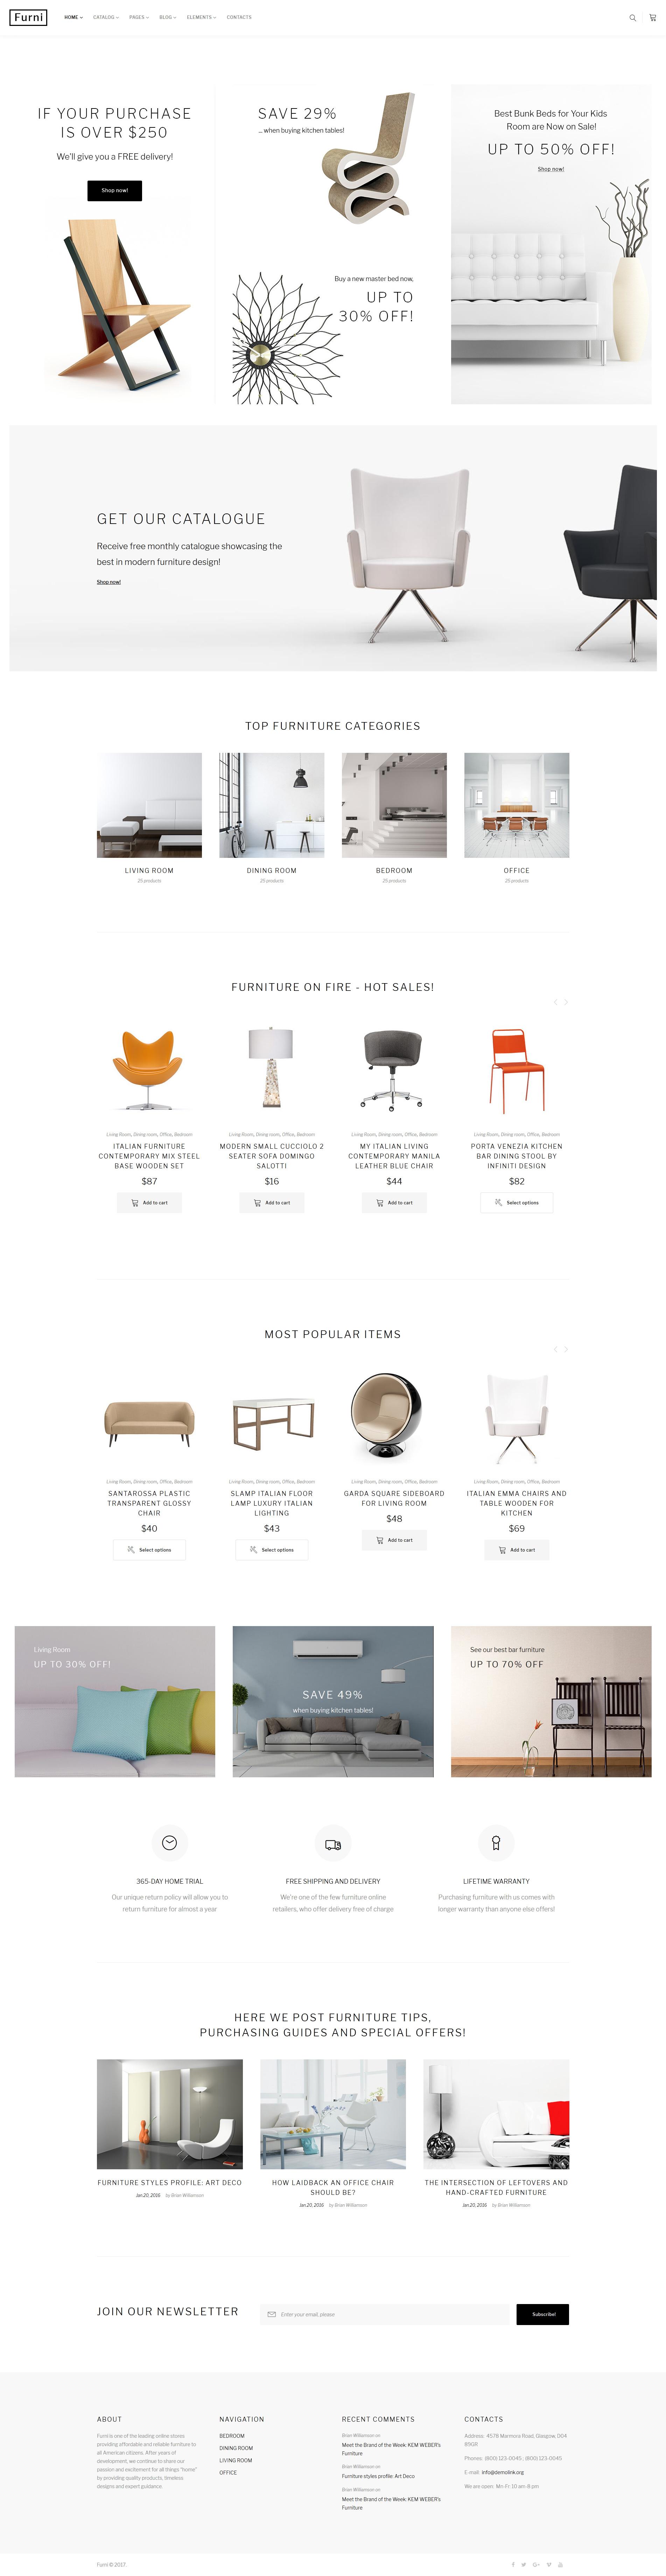 Responsive Furni - Çok Sayfalı Mobilya Mağazası Web Sitesi #62272